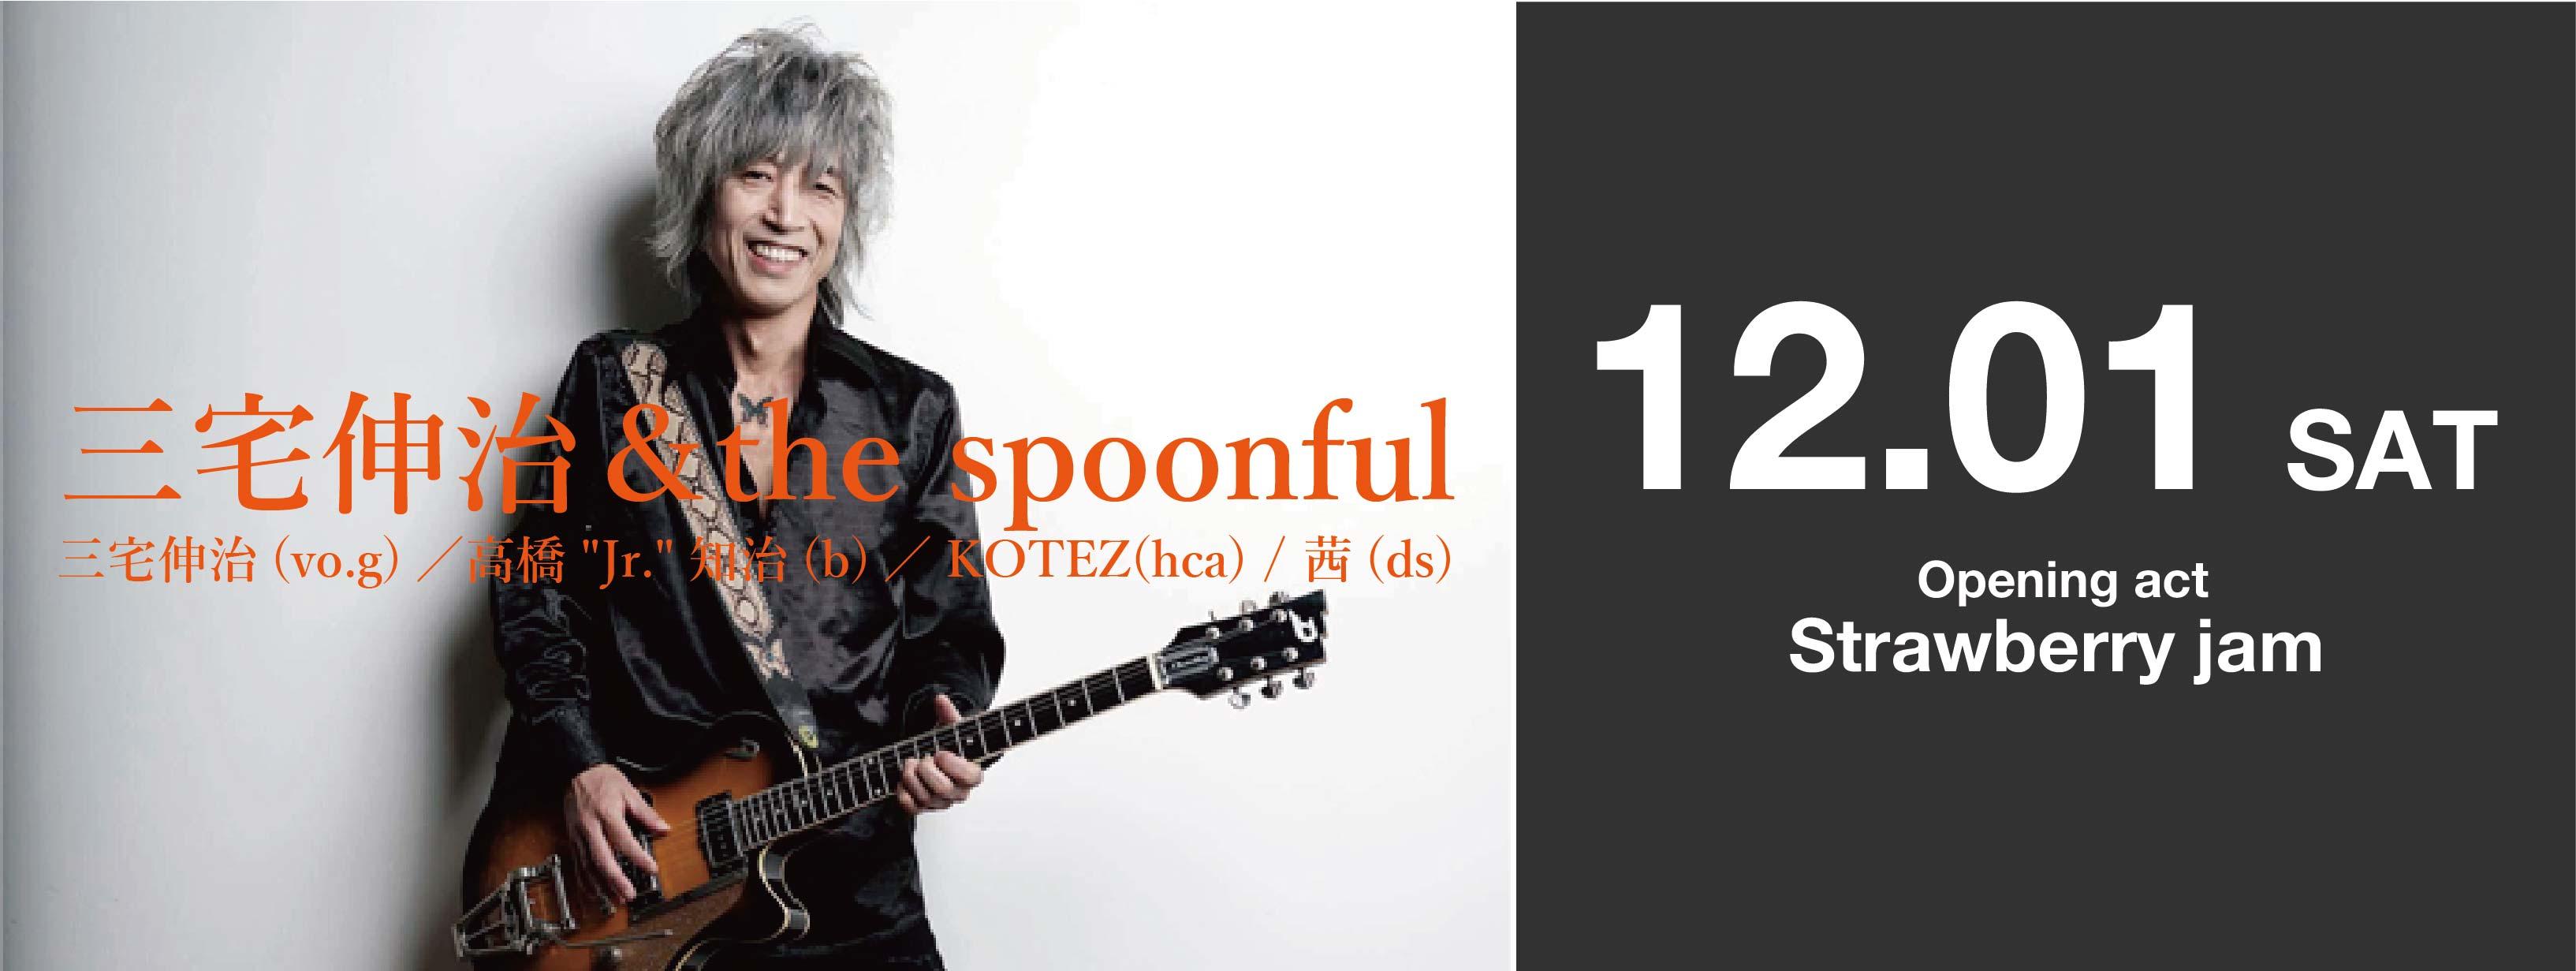 三宅伸治&the spoonful LIVE in 伊那